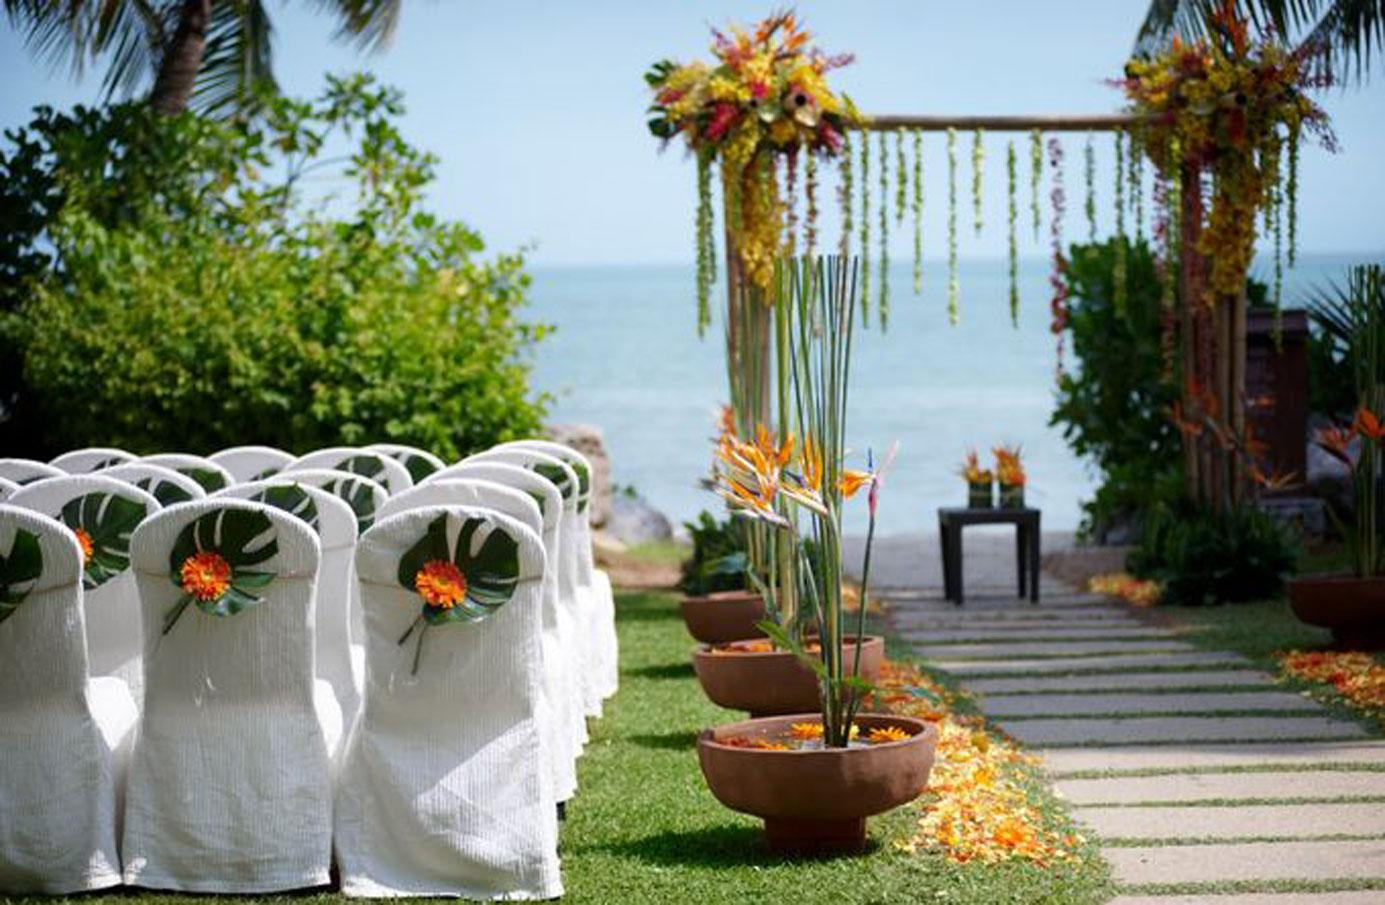 マレーシアウエディング マレーシア結婚式 マレーシアハネムーン ペナン島ウエディングランカウイ島ハネムーン ペナン島結婚式 海外挙式マレーシア